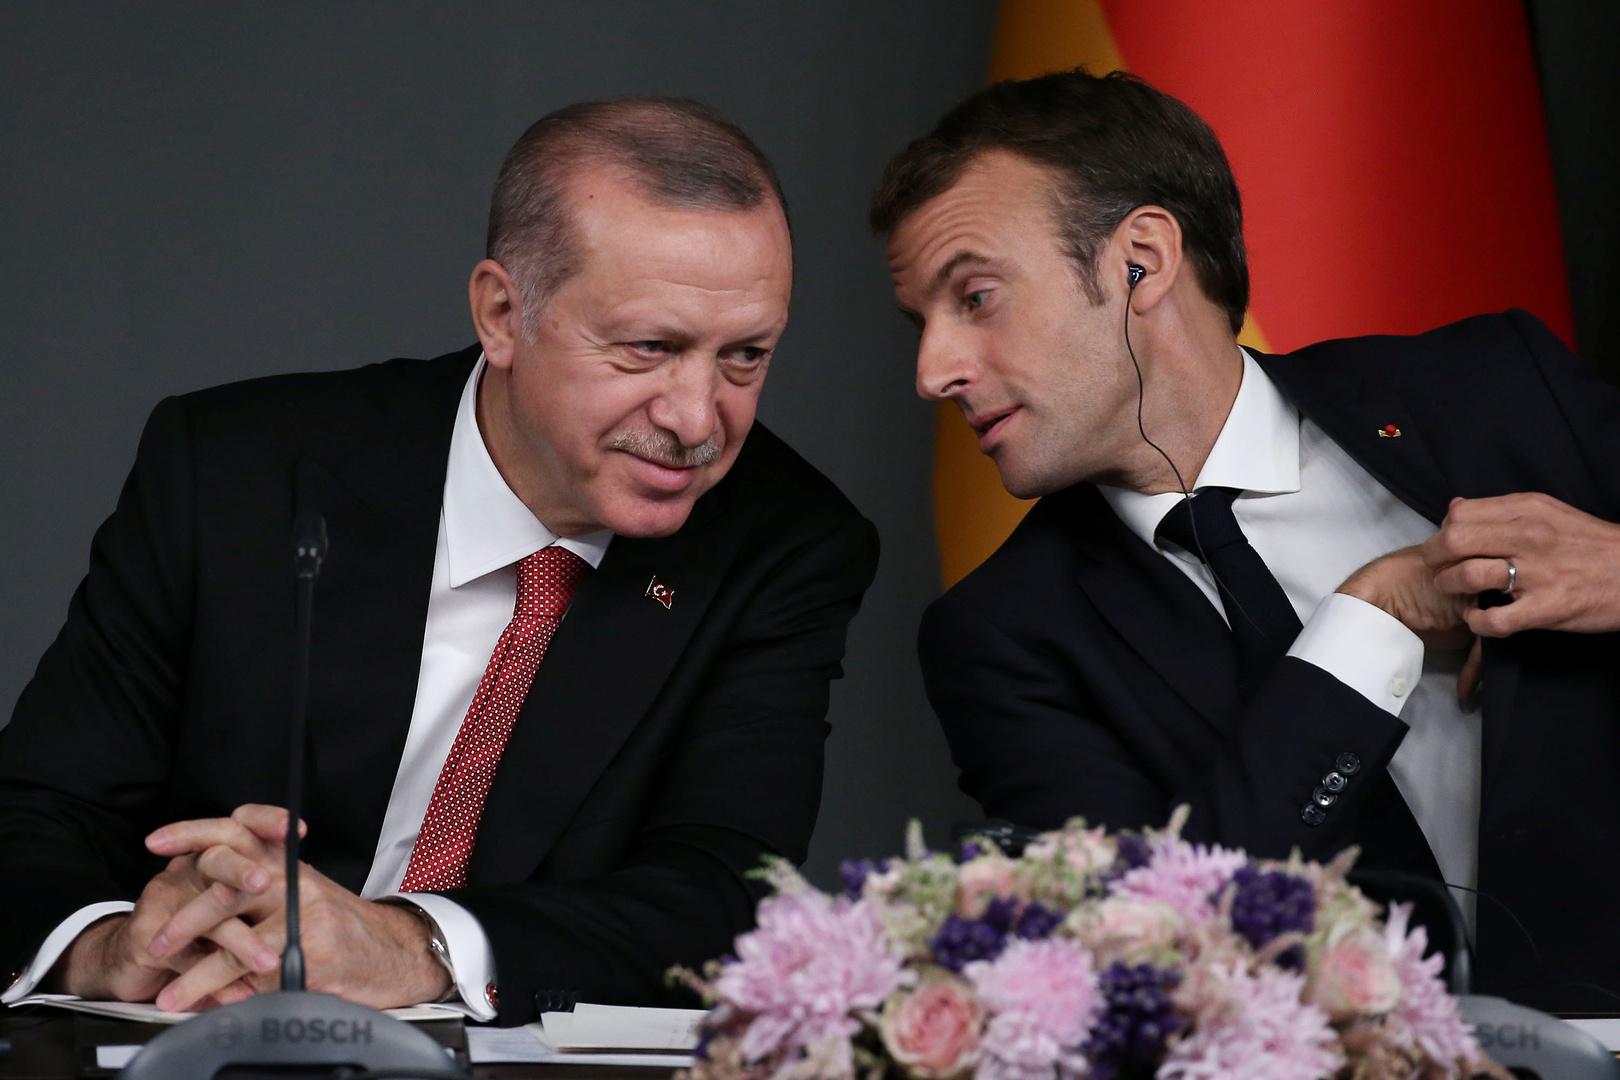 الرئيس الفرنسي، إيمانويل ماكرون، ونظيره التركي، رجب طيب أردوغان.